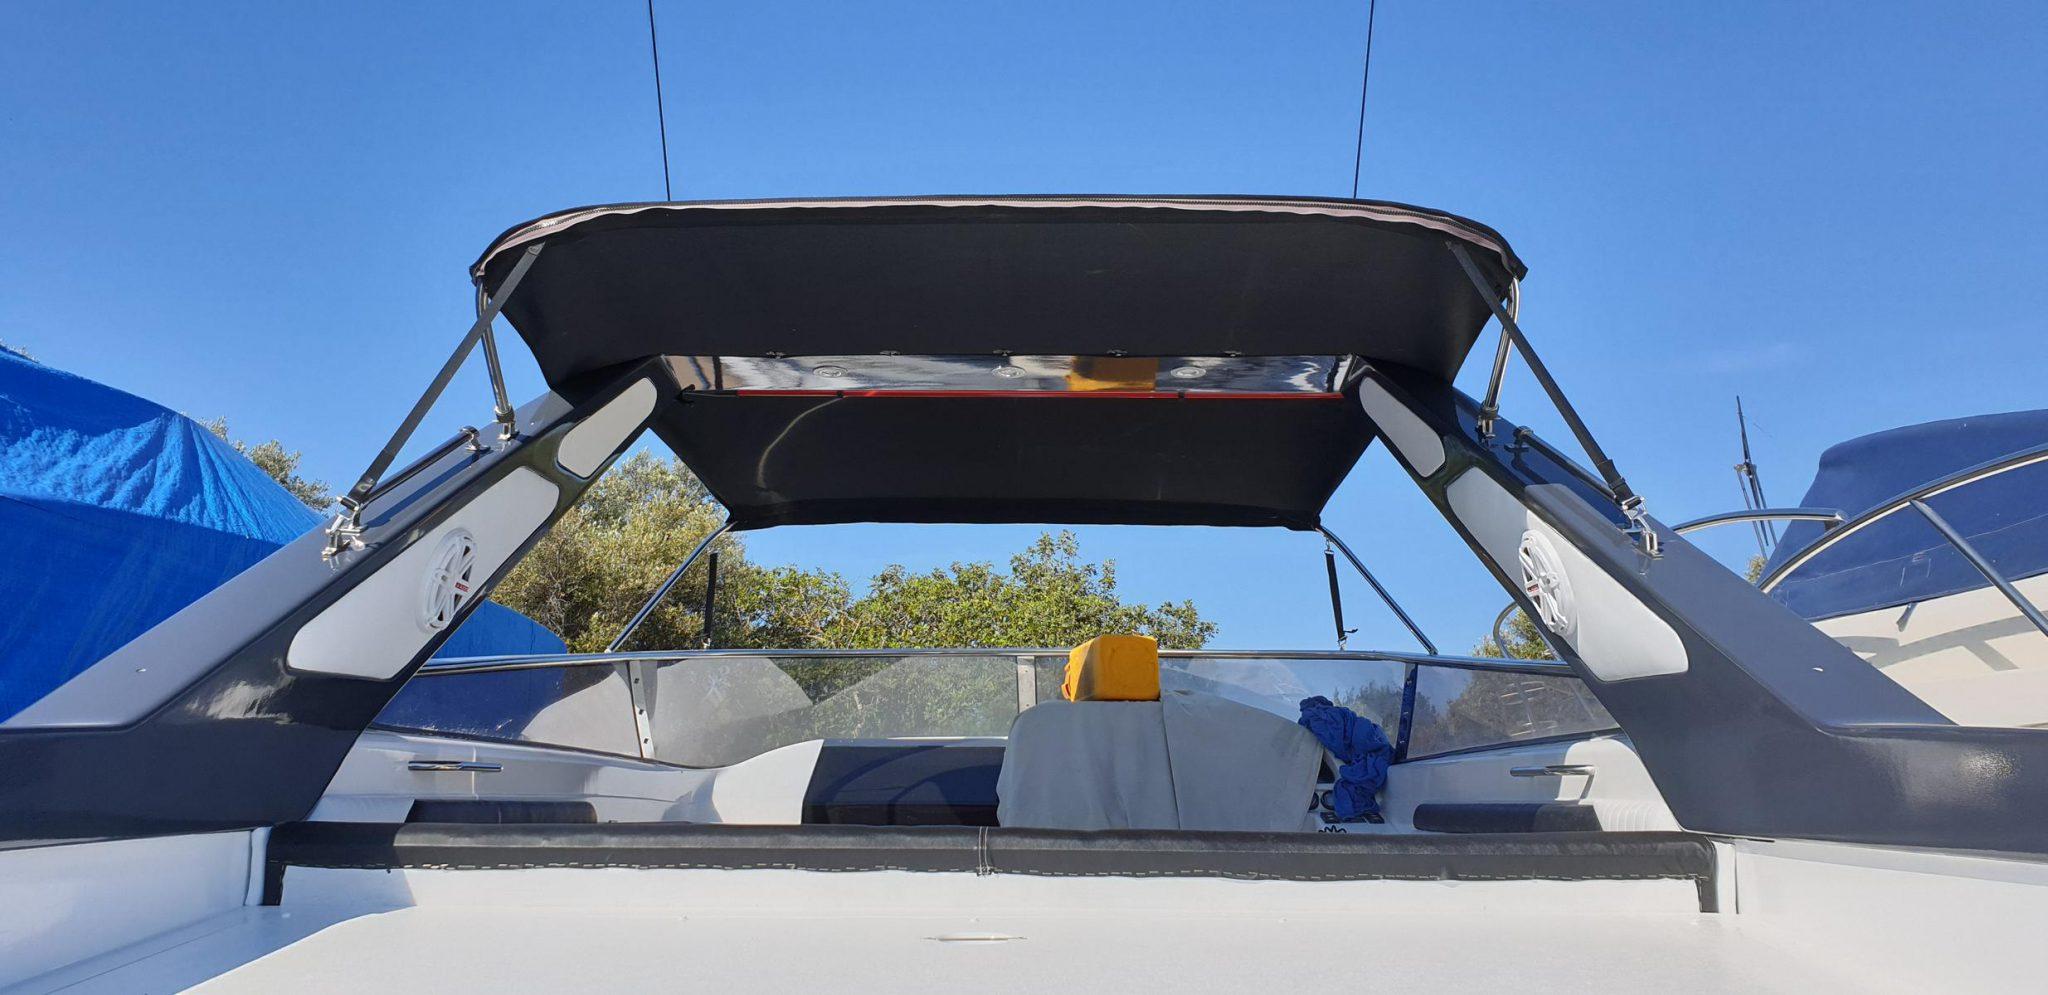 Star Boat Sunseeker Tomahawk 37-7